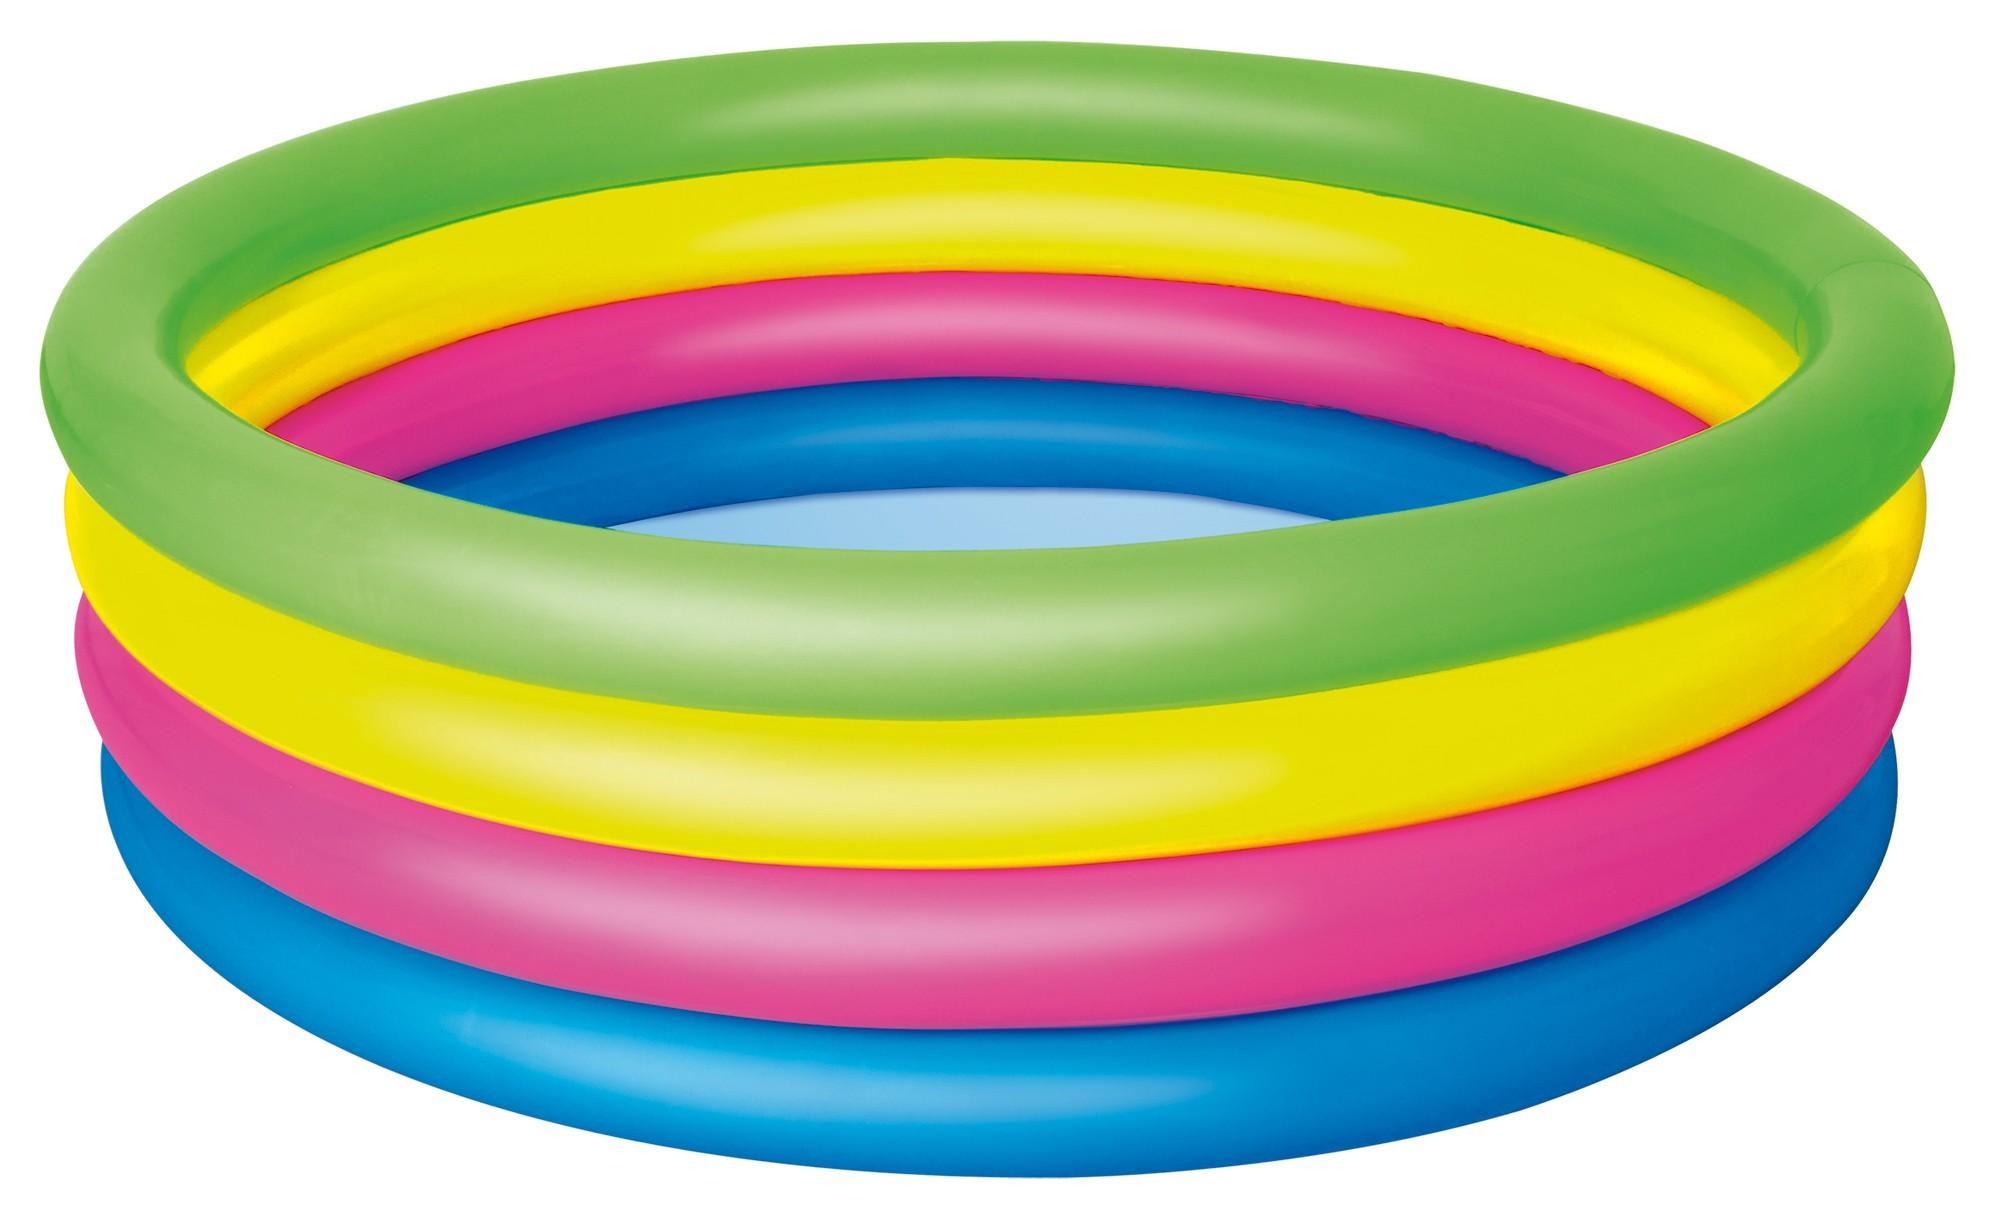 Planschbecken / Kinderpool Bestway 4 Colored Rings Ø157x46cm Bild 1